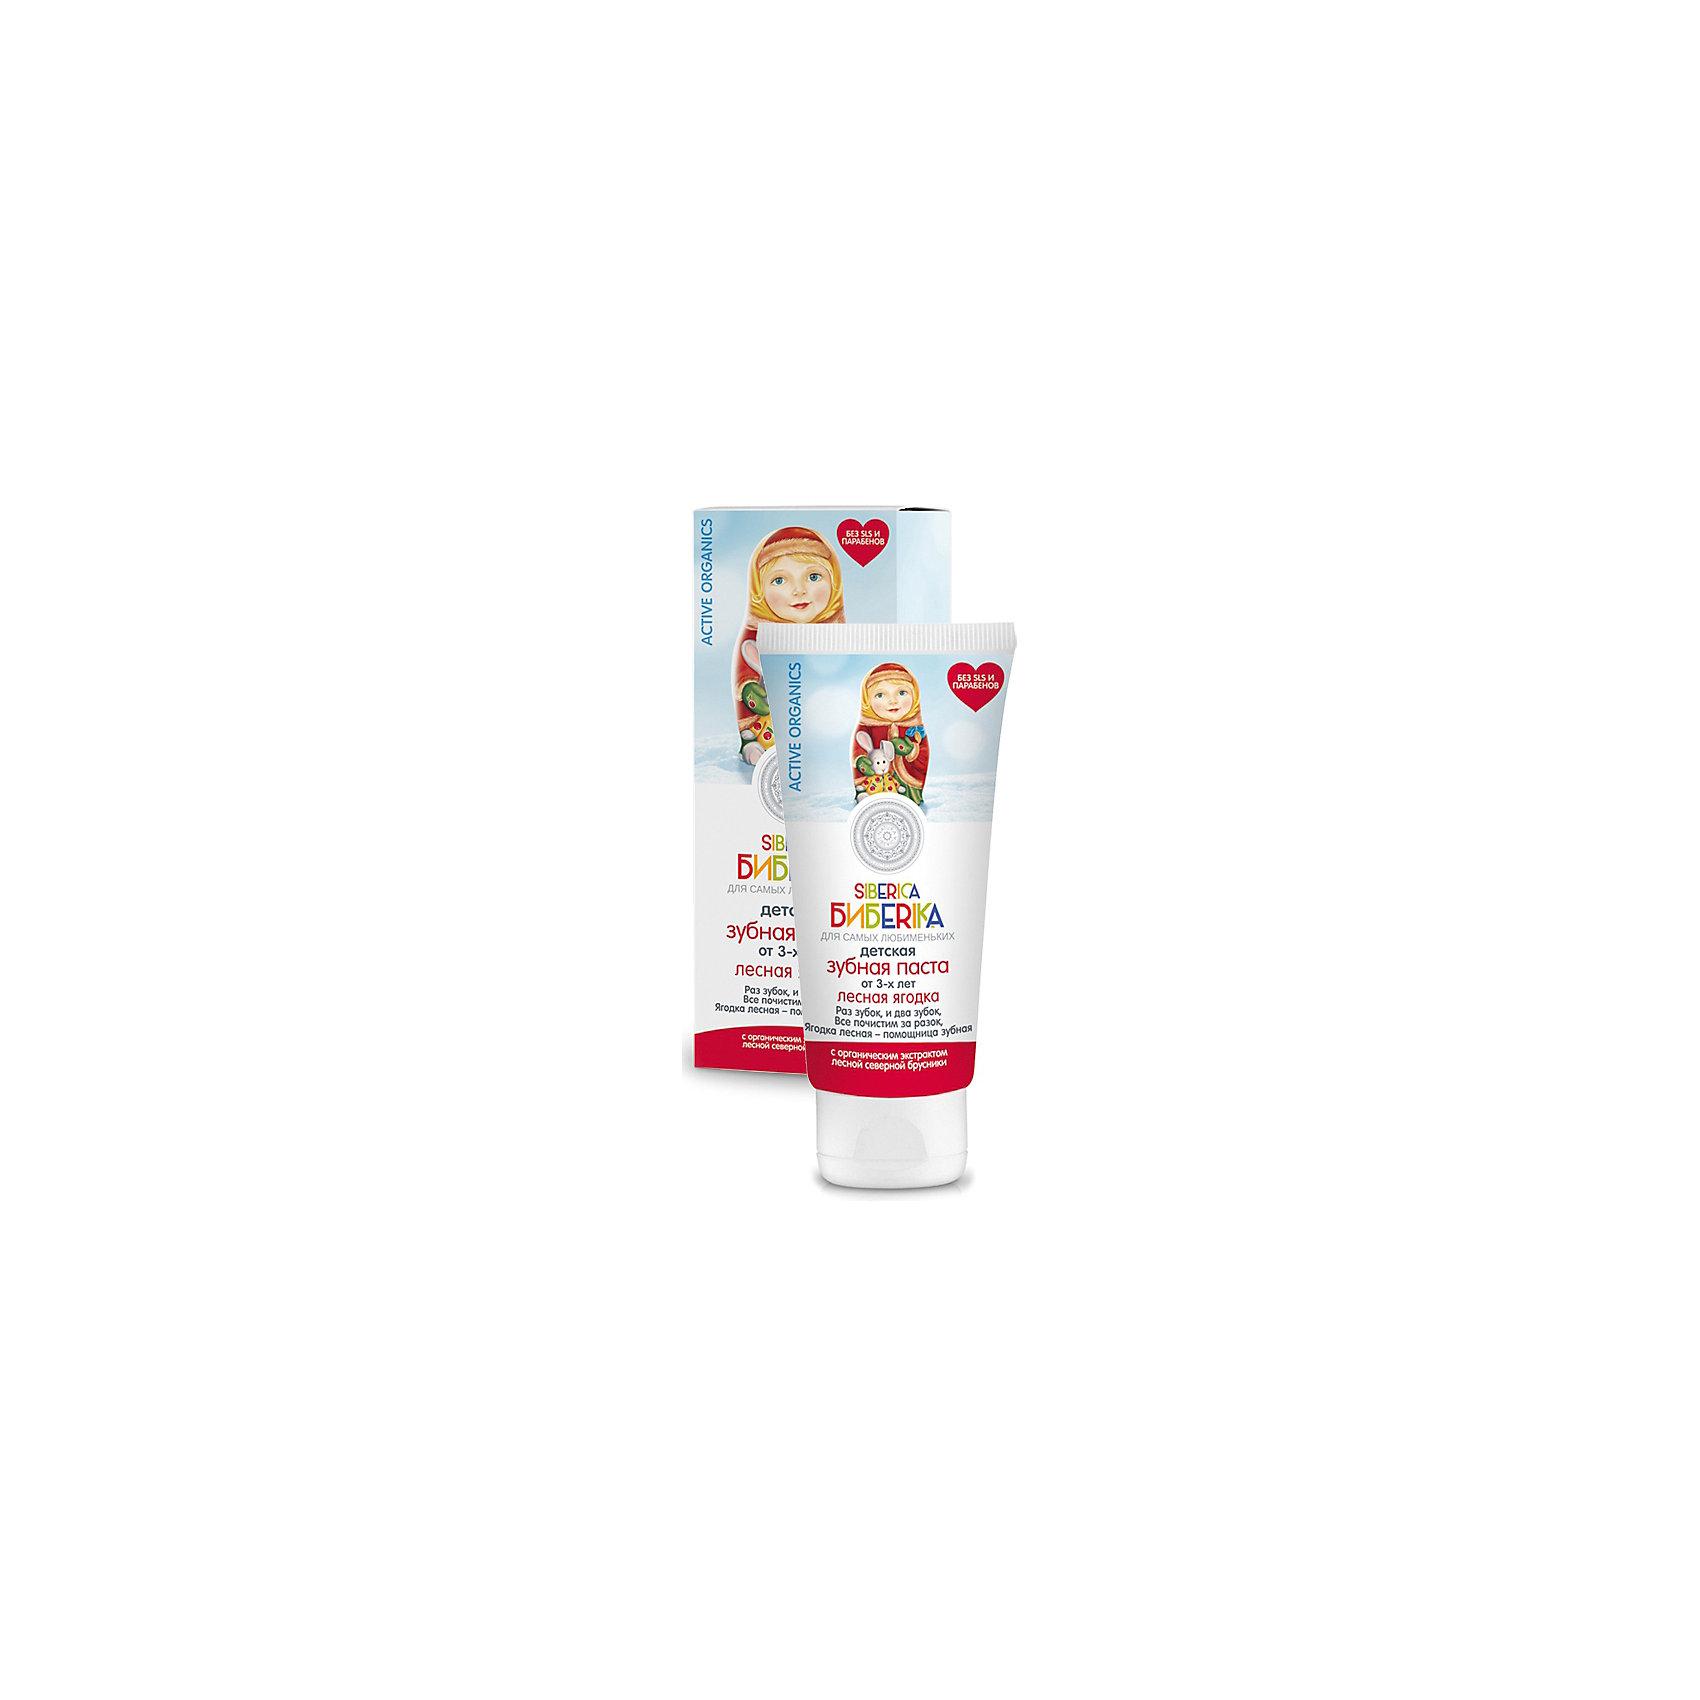 Паста зубная от 3-х лет Лесная ягодка, 50 мл, Siberica БибеrikaЗубные пасты<br>Детская зубная паста с приятным вкусом лесных ягод понравится Вашему малышу и поможет привить привычку регулярно чистить зубки. Благодаря специальной формуле она бережно очищает, не повреждая структуру эмали, эффективно предотвращая возникновение кариеса. Натуральные компоненты, входящие в состав пасты, не наносят вреда организму ребенка при случайном проглатывании. Органический экстракт лесной северной брусники обеспечивает надежную профилактику болезней полости рта. Органический экстракт клюквы оказывает противовоспалительное действие и укрепляет зубную эмаль. Органическое масло морошки является источником витаминов и микроэлементов предупреждает развитие кариеса и образование зубного камня.<br><br>Ширина мм: 57<br>Глубина мм: 37<br>Высота мм: 145<br>Вес г: 84<br>Возраст от месяцев: -2147483648<br>Возраст до месяцев: 2147483647<br>Пол: Унисекс<br>Возраст: Детский<br>SKU: 4796714